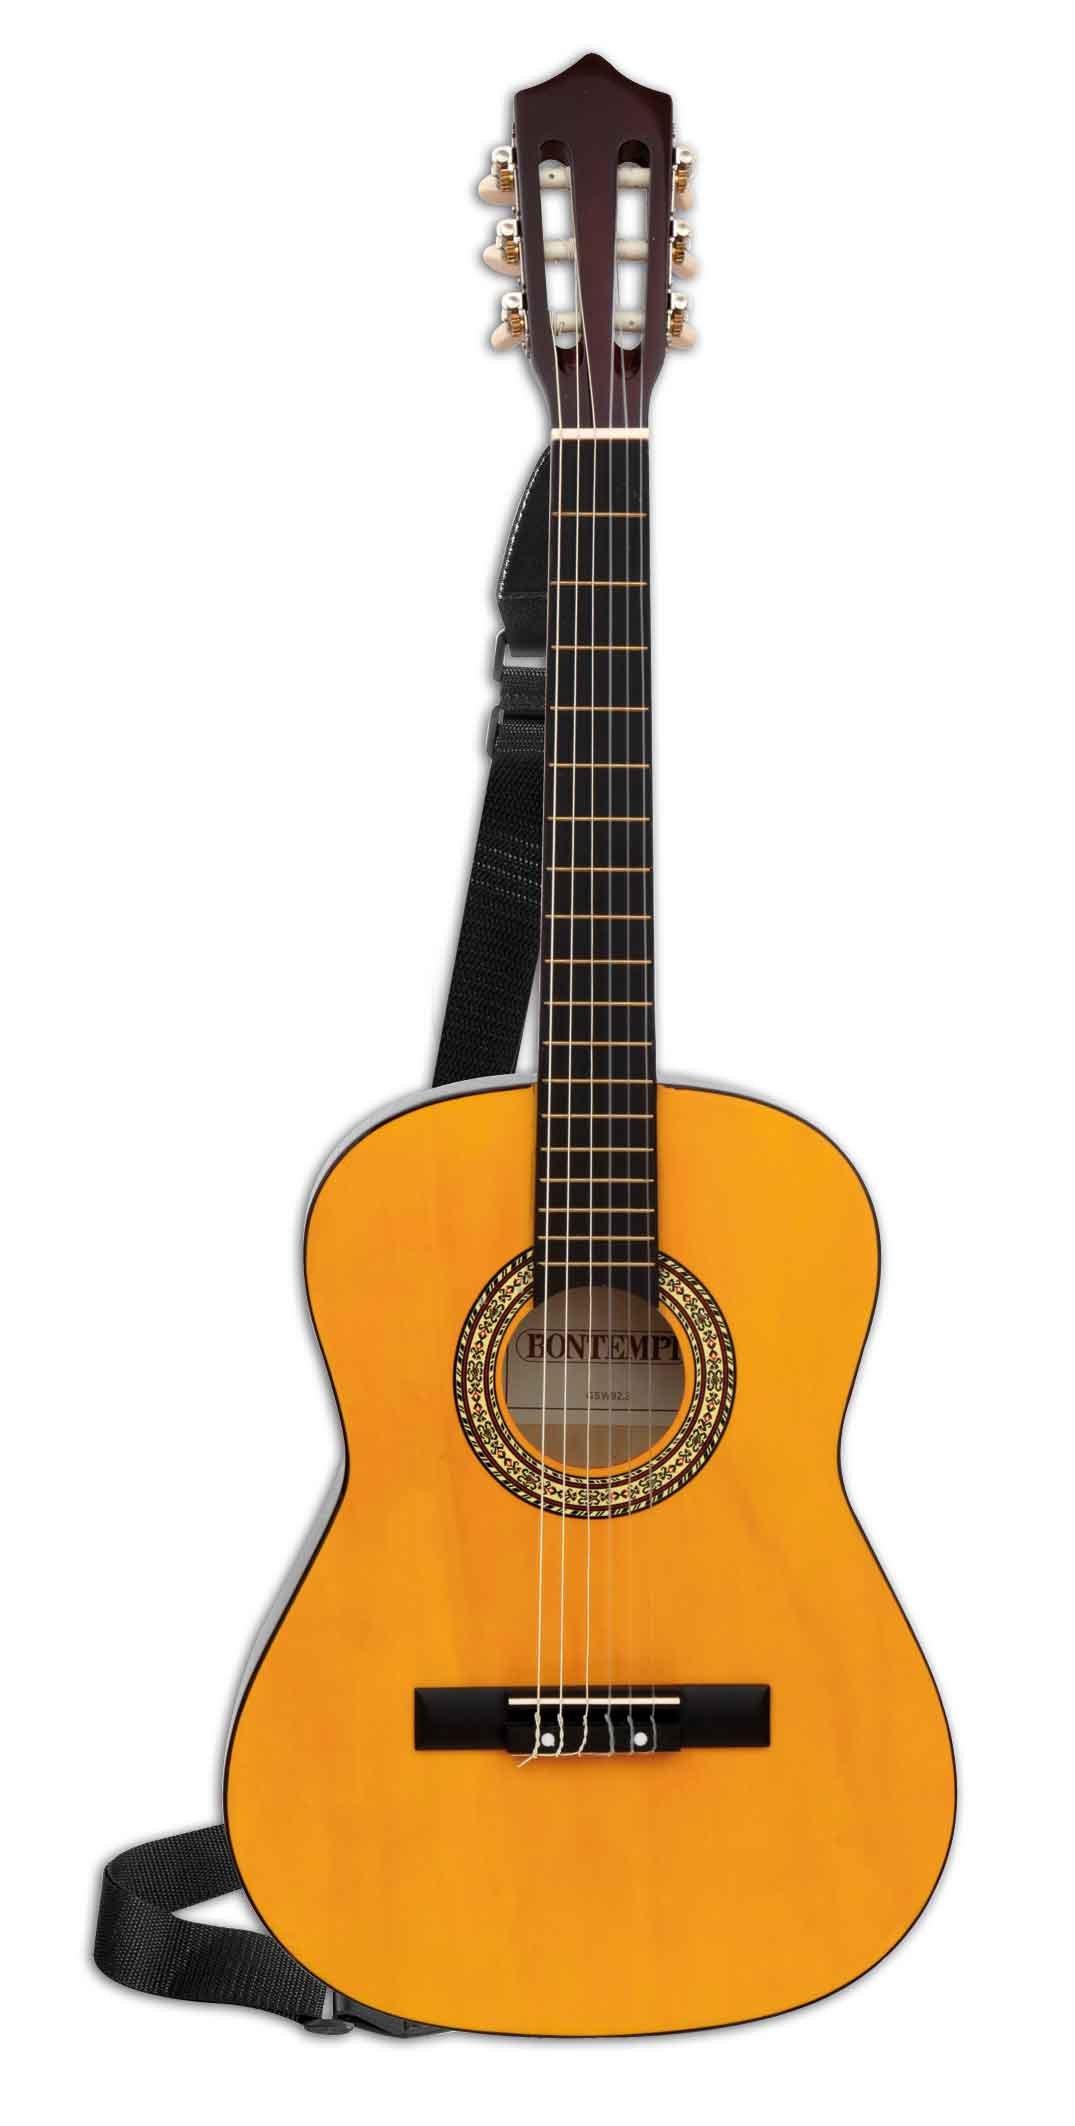 Bontempi - Guitarra En Madera de 92 cm (GSW 92/AC): Amazon.es: Juguetes y juegos